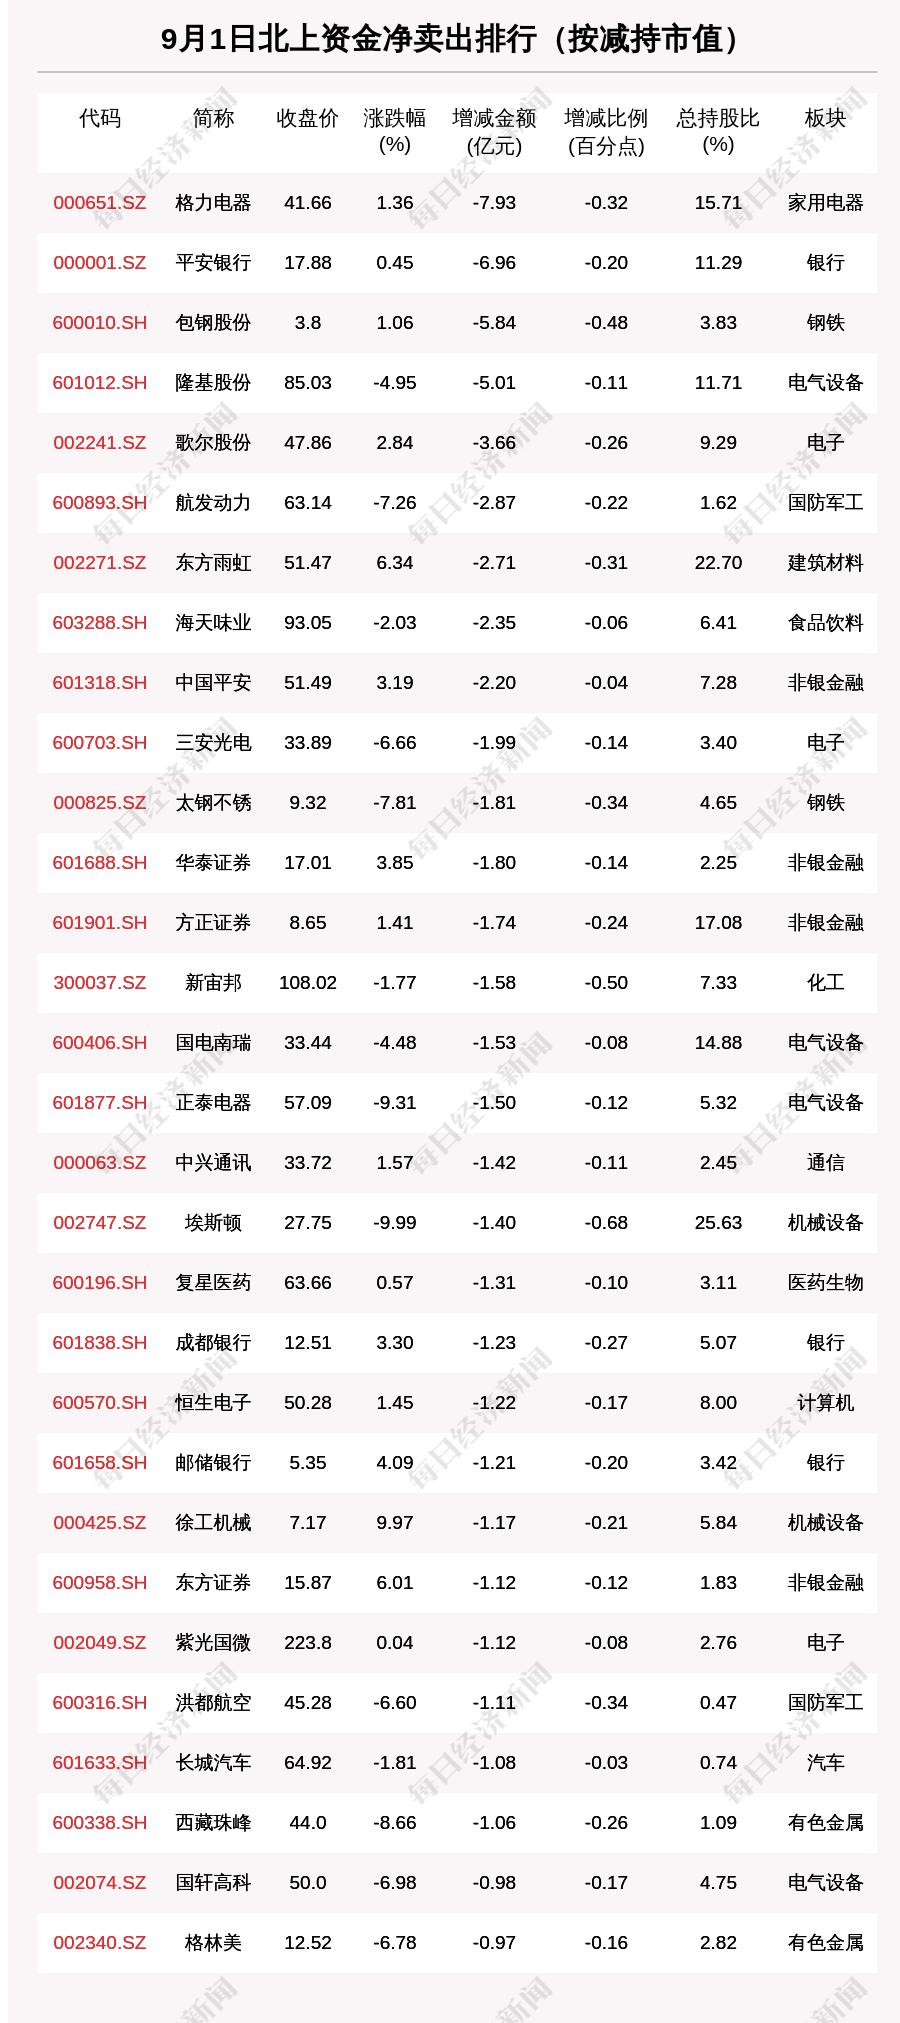 《北向资金动向曝光:9月1日这30只个股遭大甩卖(附名单)》